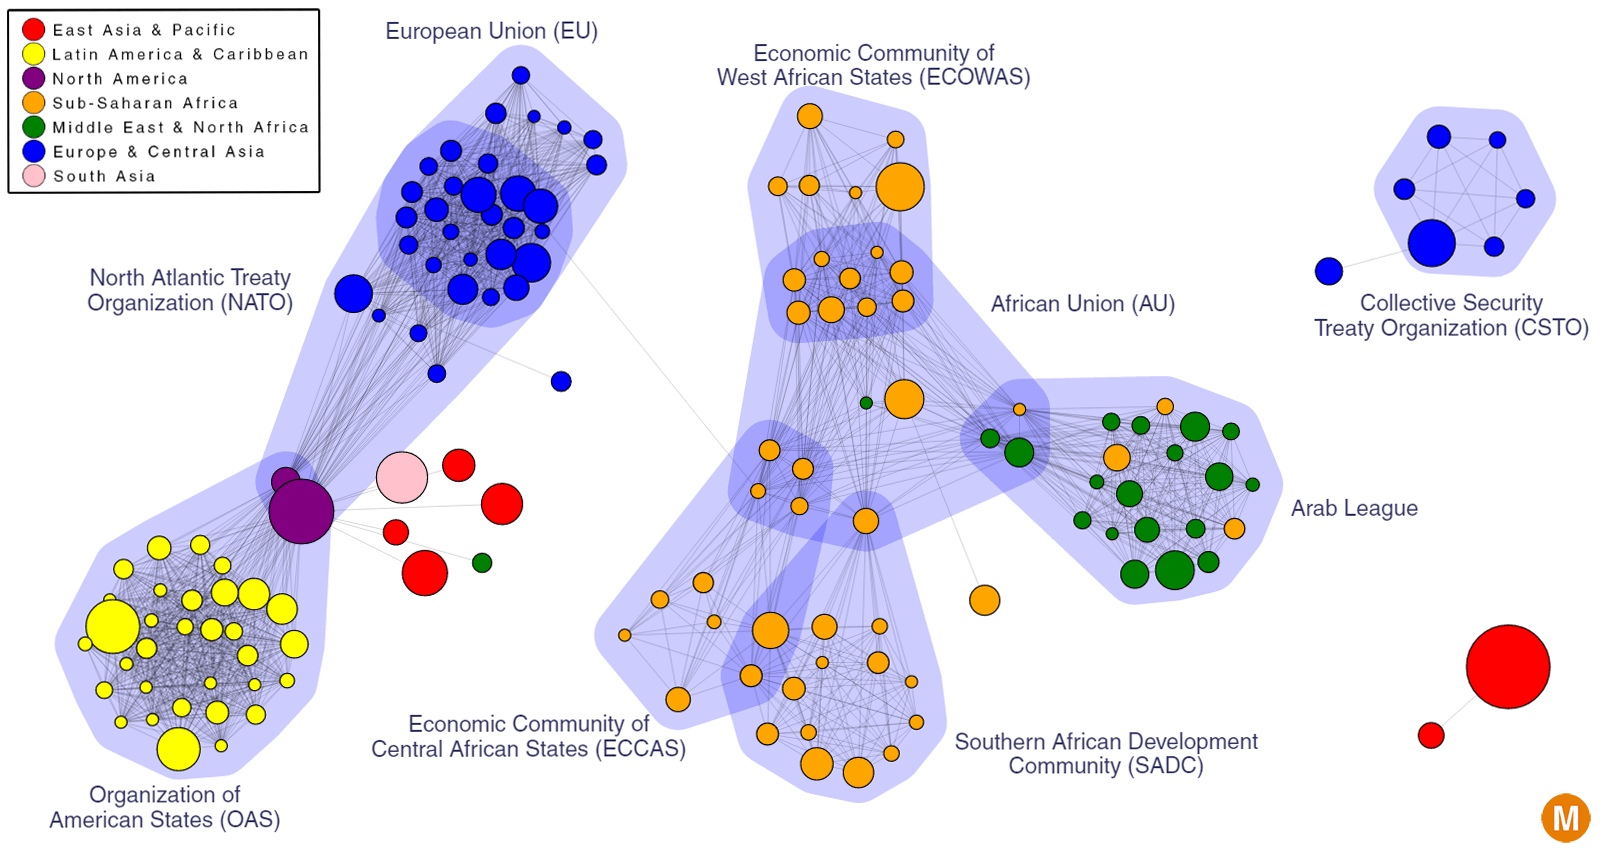 a tangled web of alliances